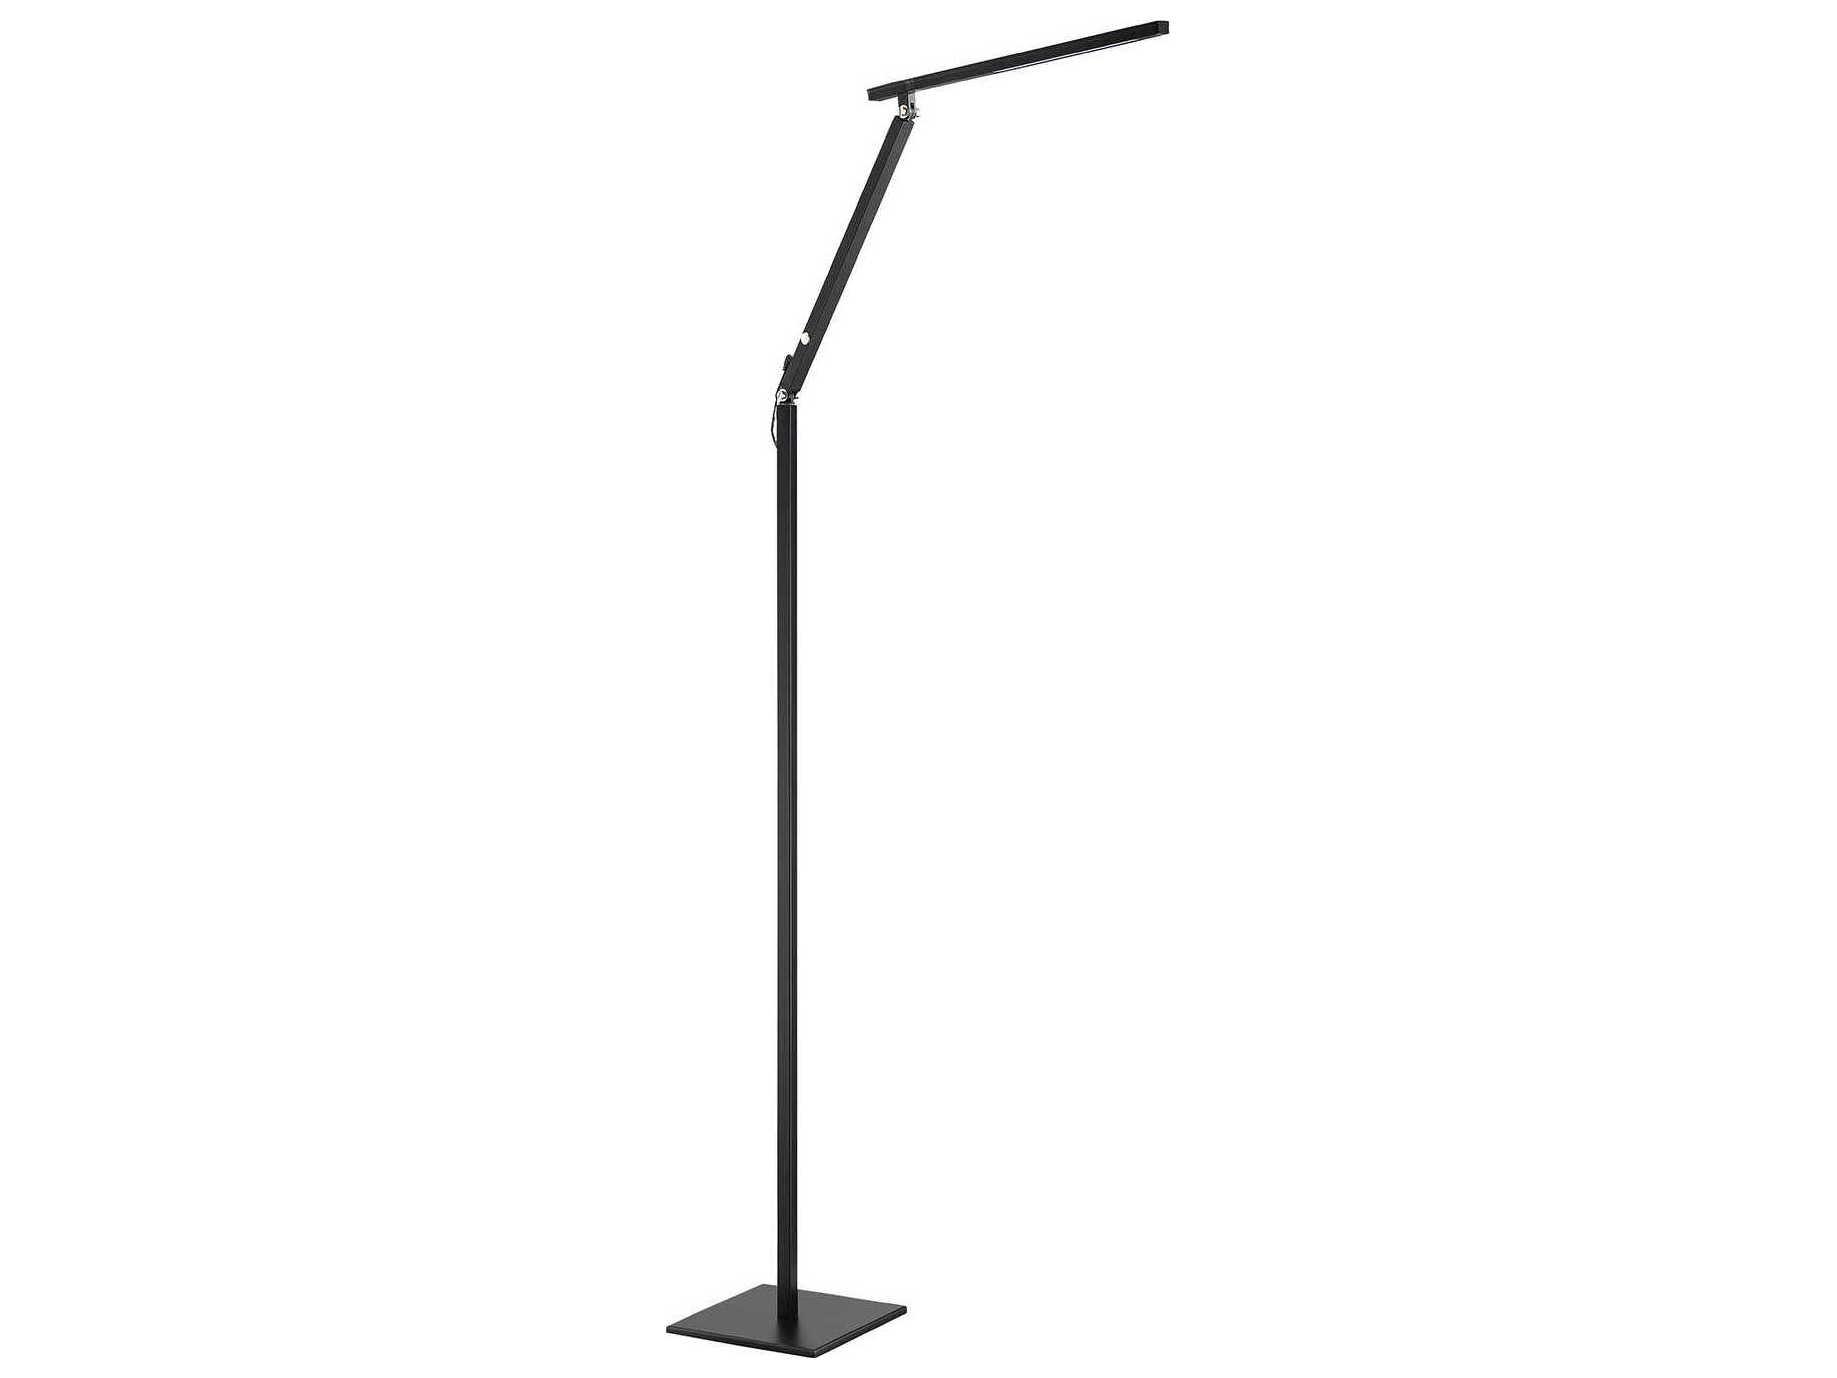 Kendal Lighting Pazz Black Led Floor Lamp regarding sizing 1837 X 1378